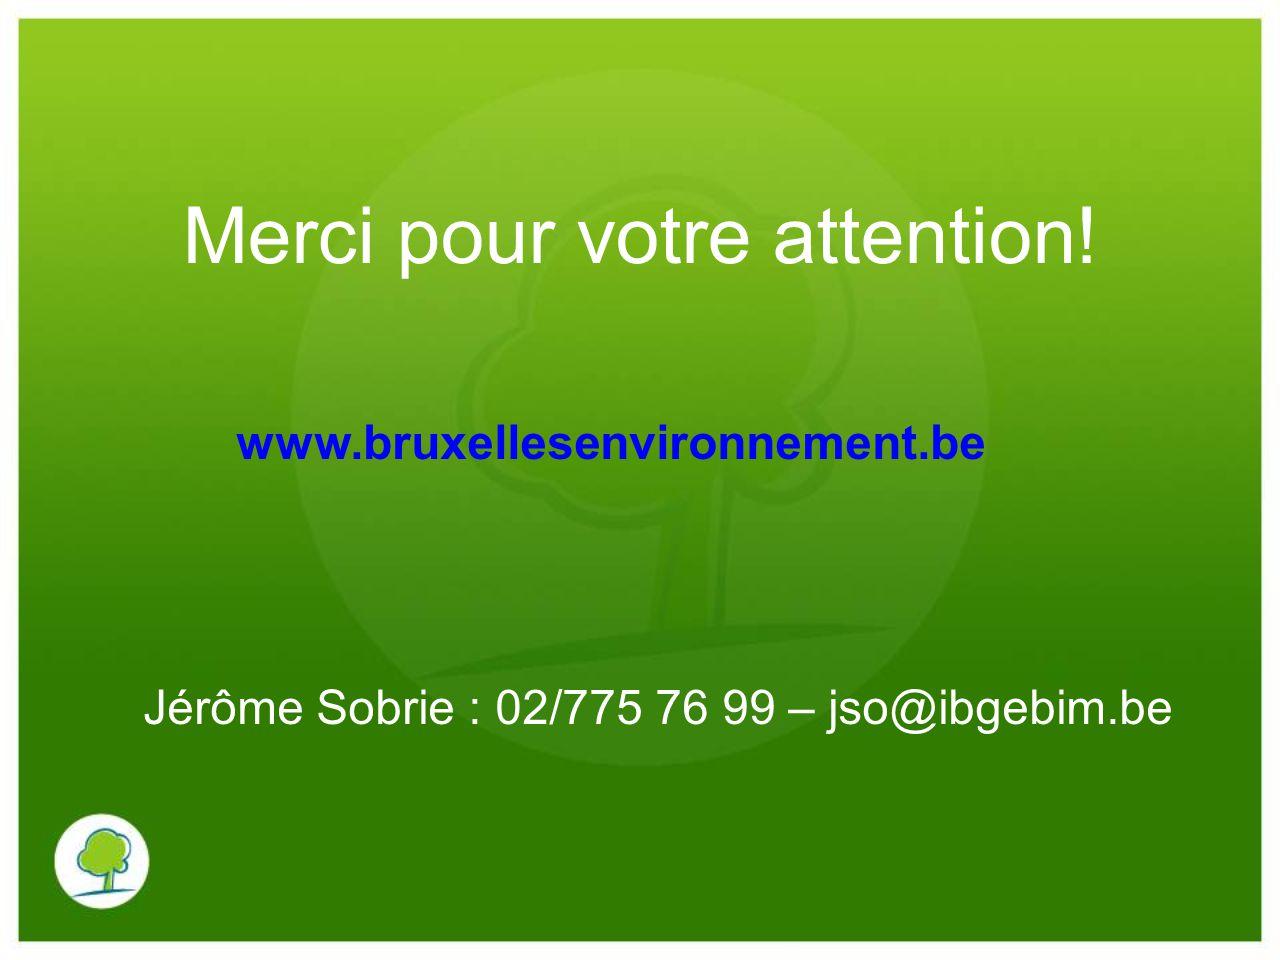 Merci pour votre attention! www.bruxellesenvironnement.be Jérôme Sobrie : 02/775 76 99 – jso@ibgebim.be